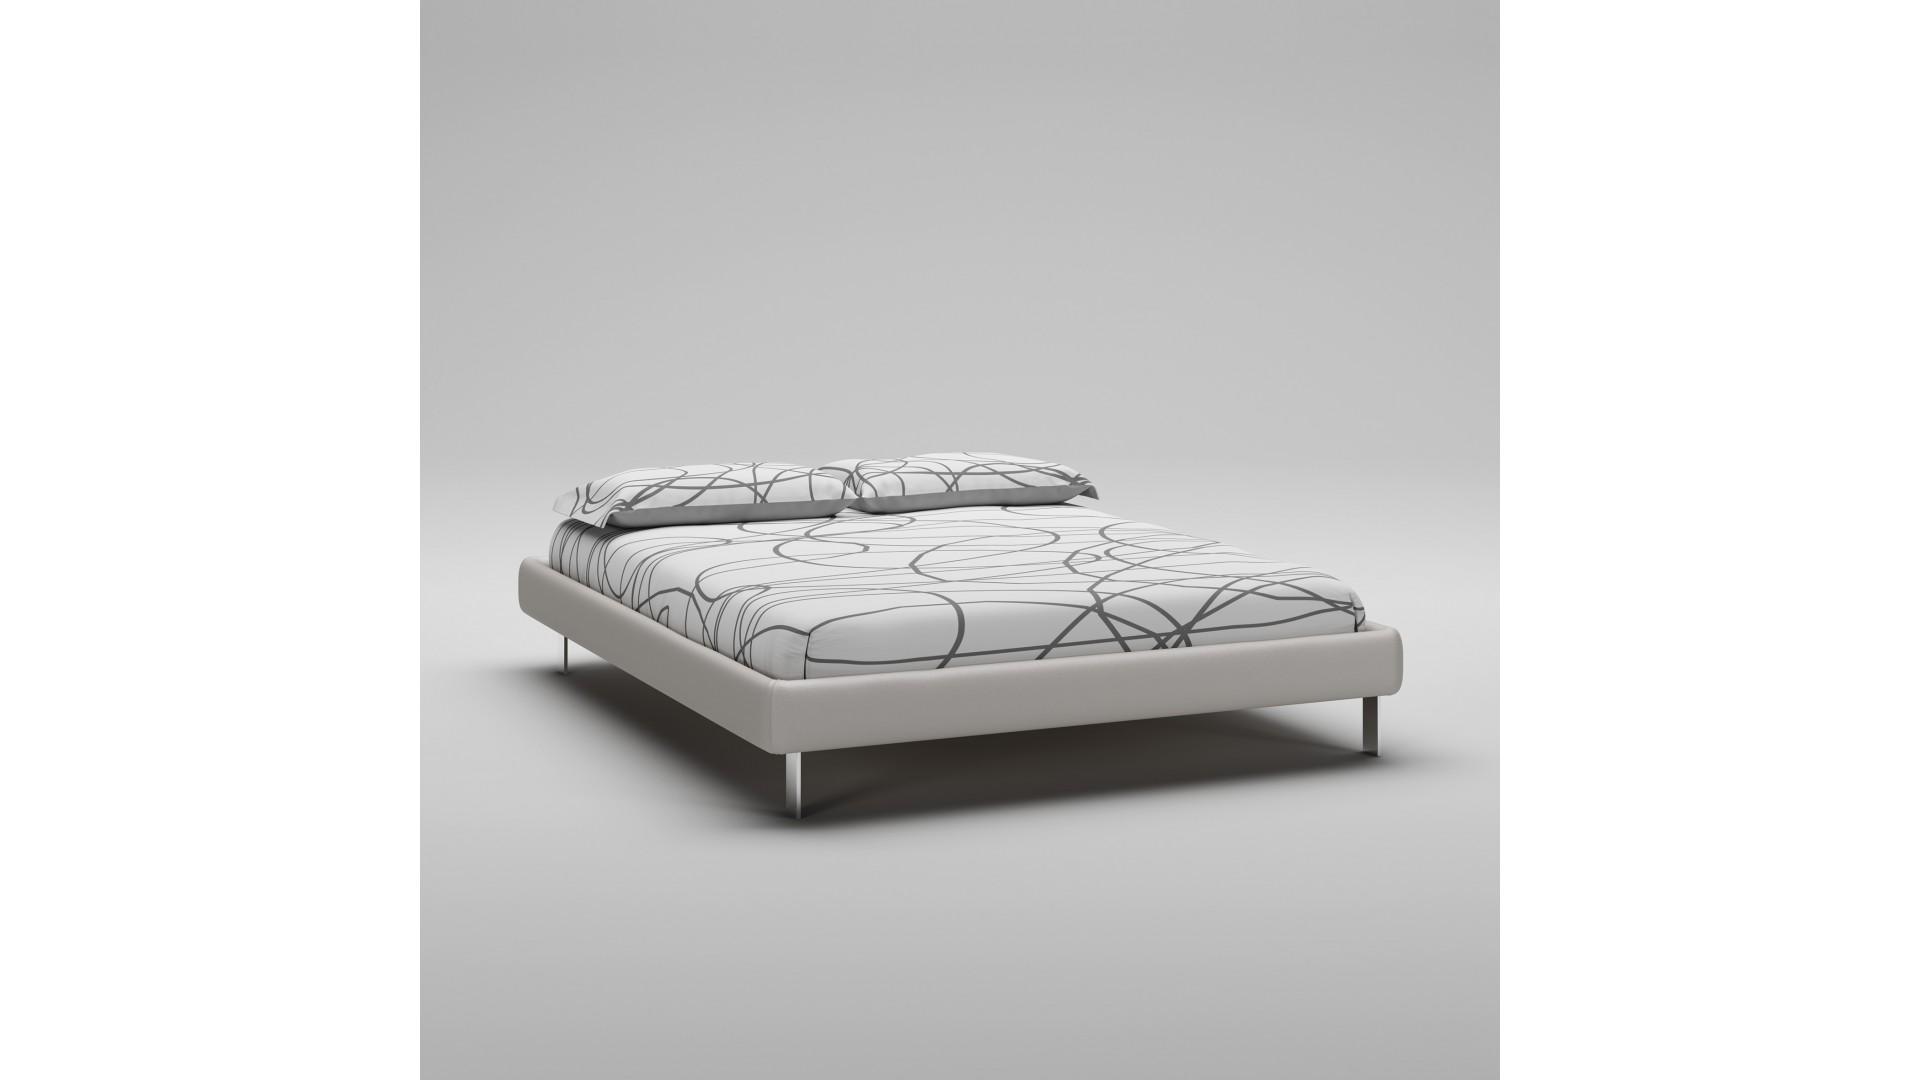 Lit 160x200 PERSONNALISABLE WL125 avec cadre de lit imitation cuir - MORETTI COMPACT